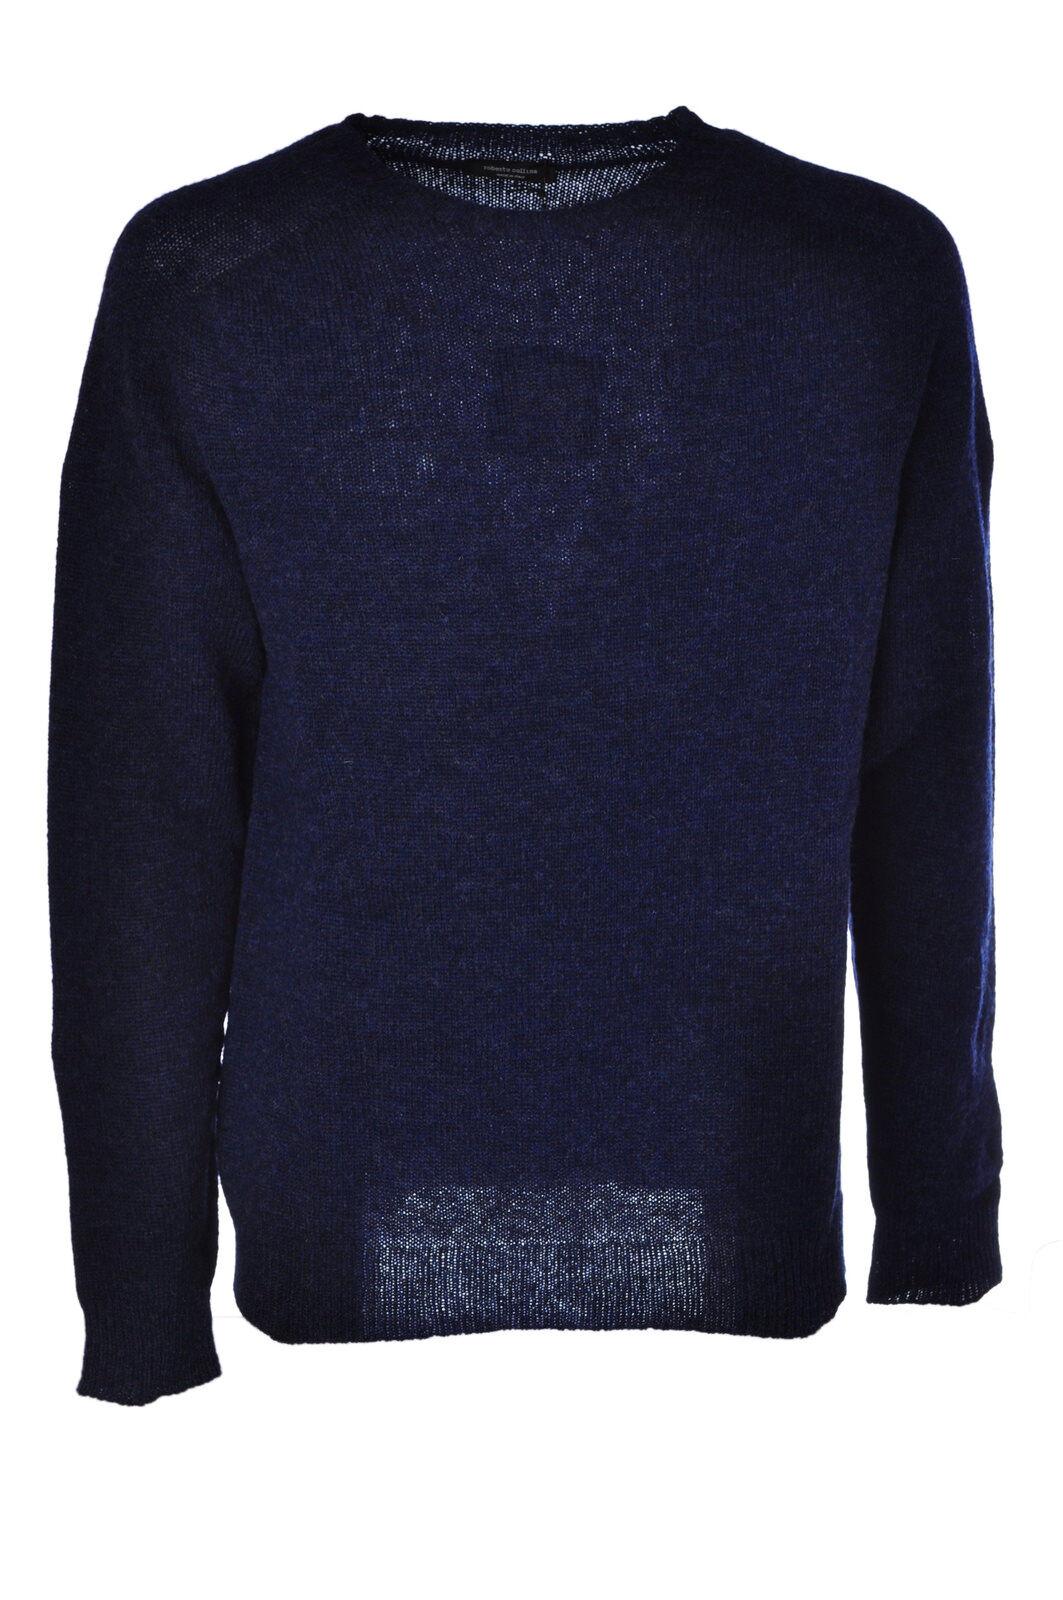 Roberto Collina - Knitwear-Sweaters - Man - bluee - 475115C181056